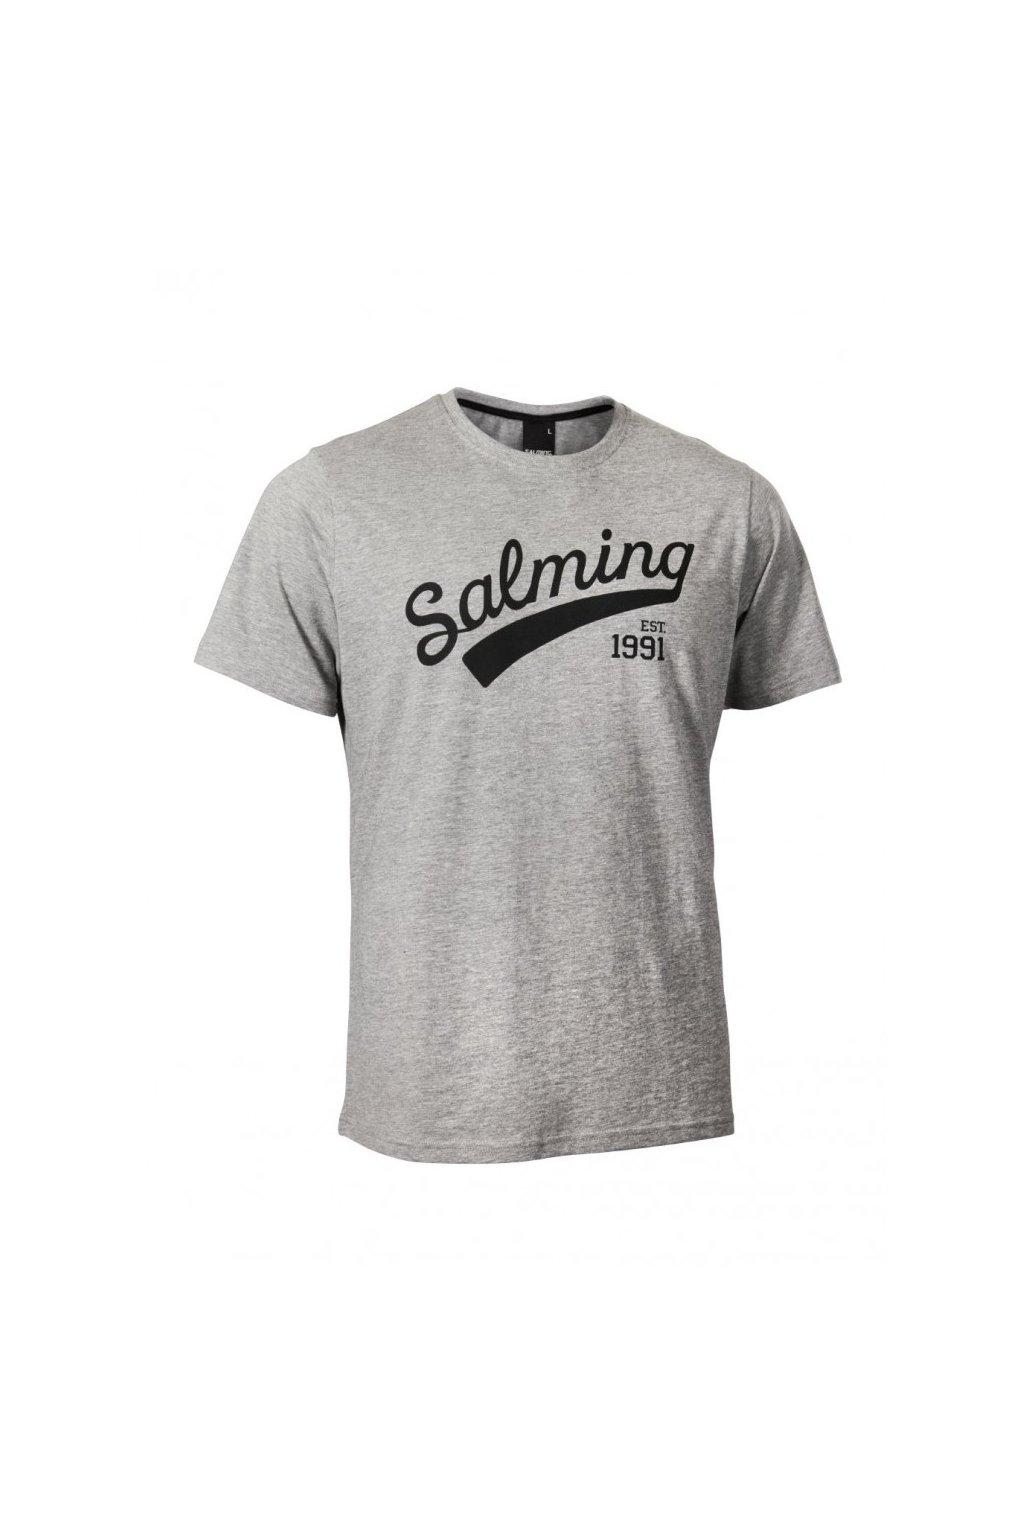 salming logo tee (1)